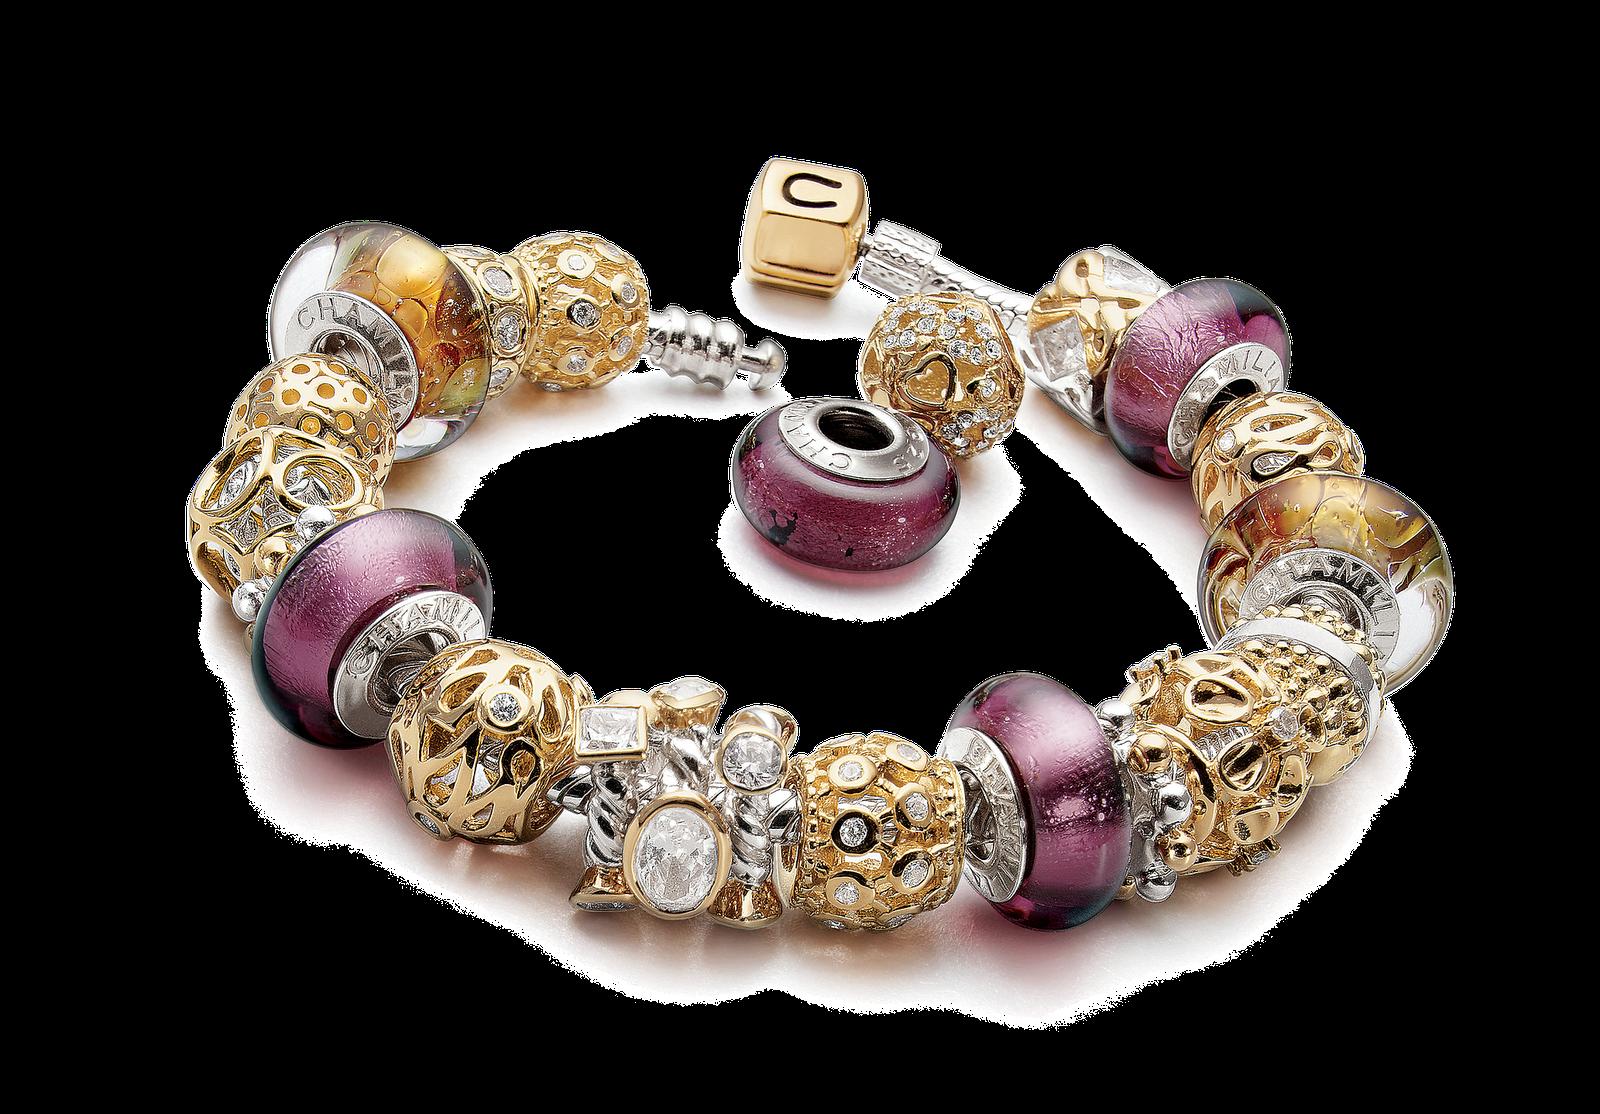 bracelets png - photo #22